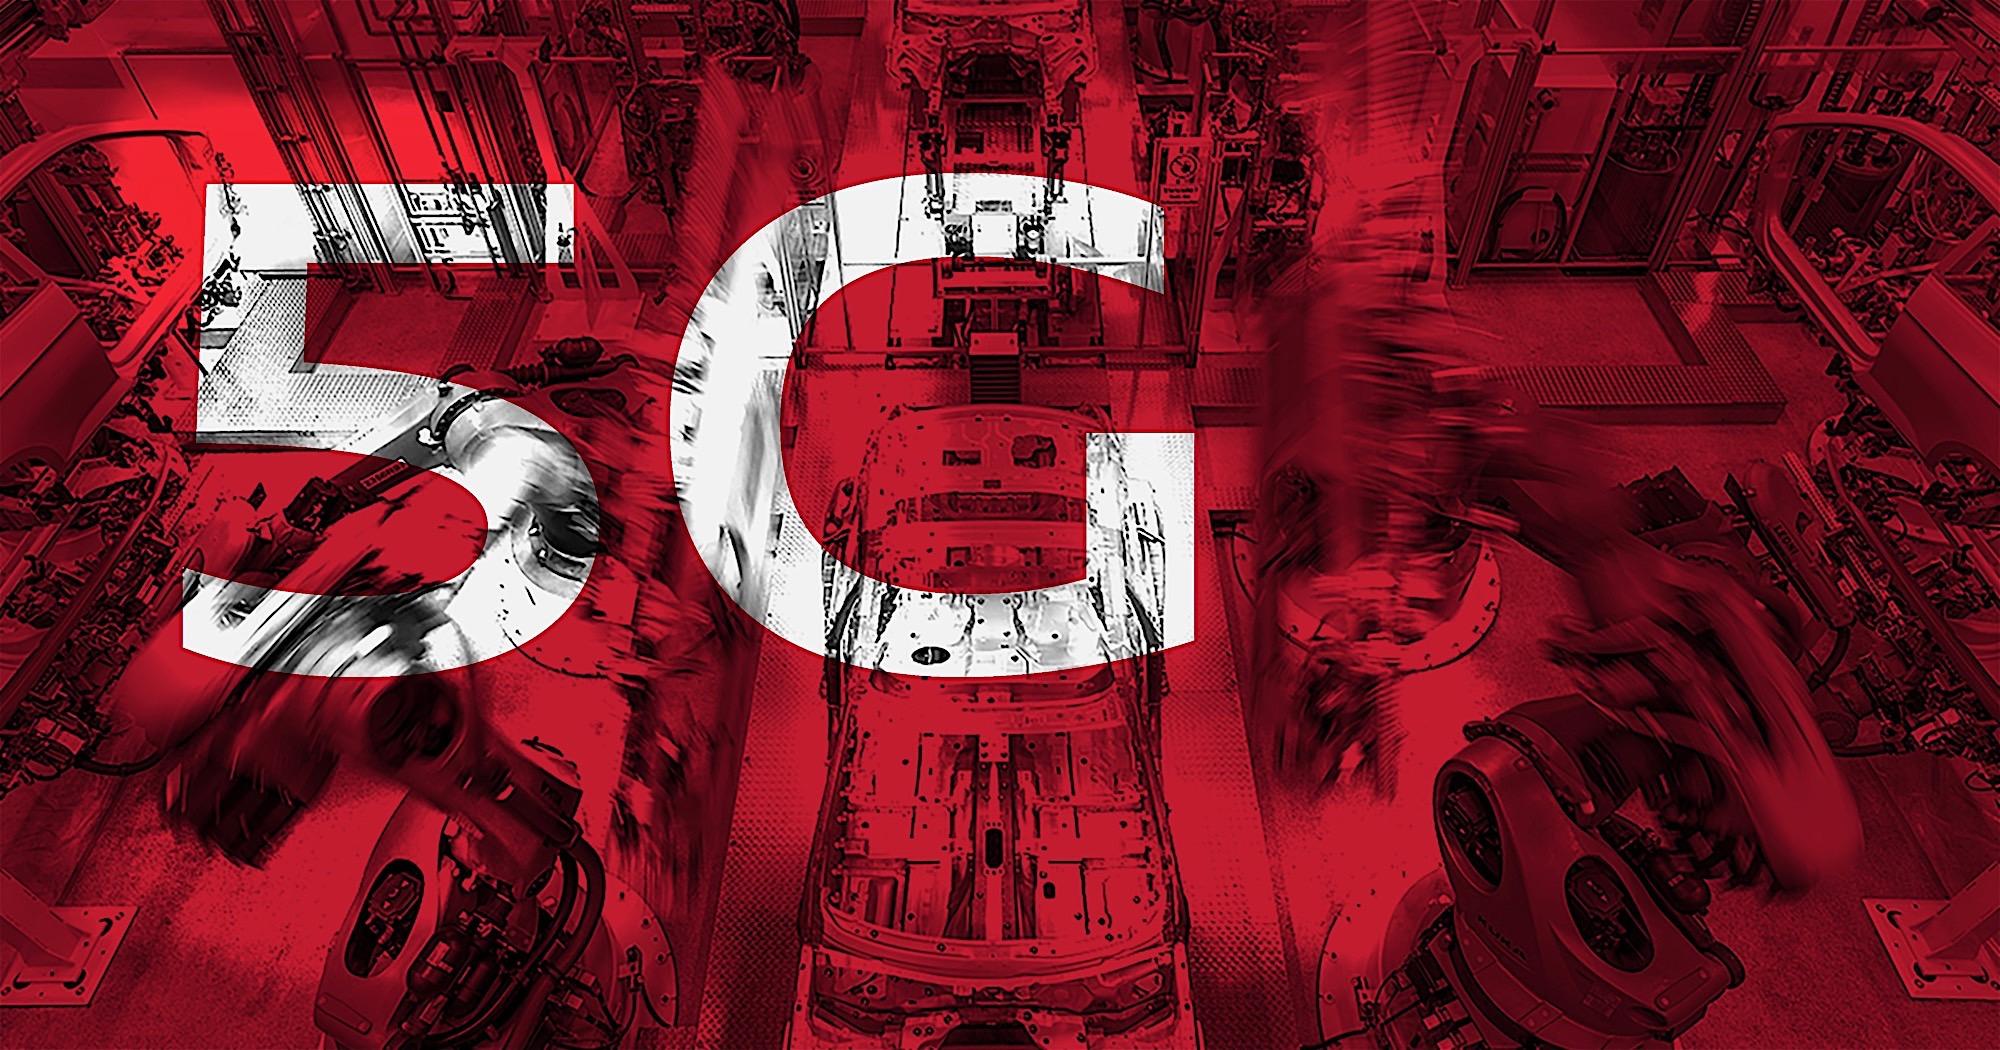 奥迪携手爱立信 率先将5G技术用于汽车生产